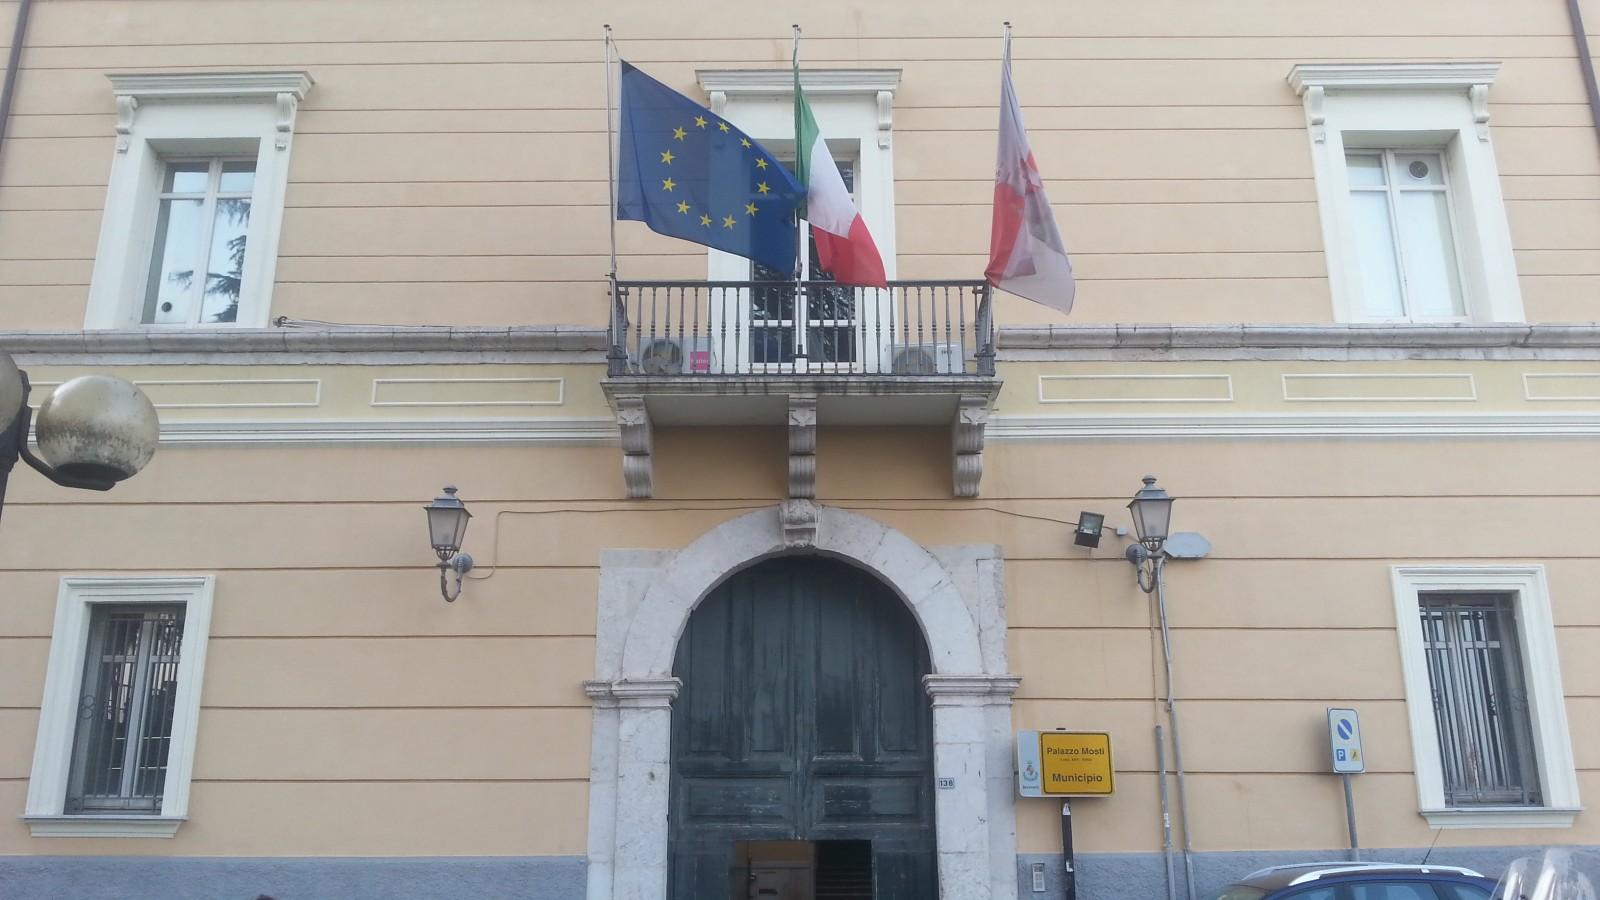 Gara regionale di Scherma a Benevento: la presentazione a Palazzo Mosti